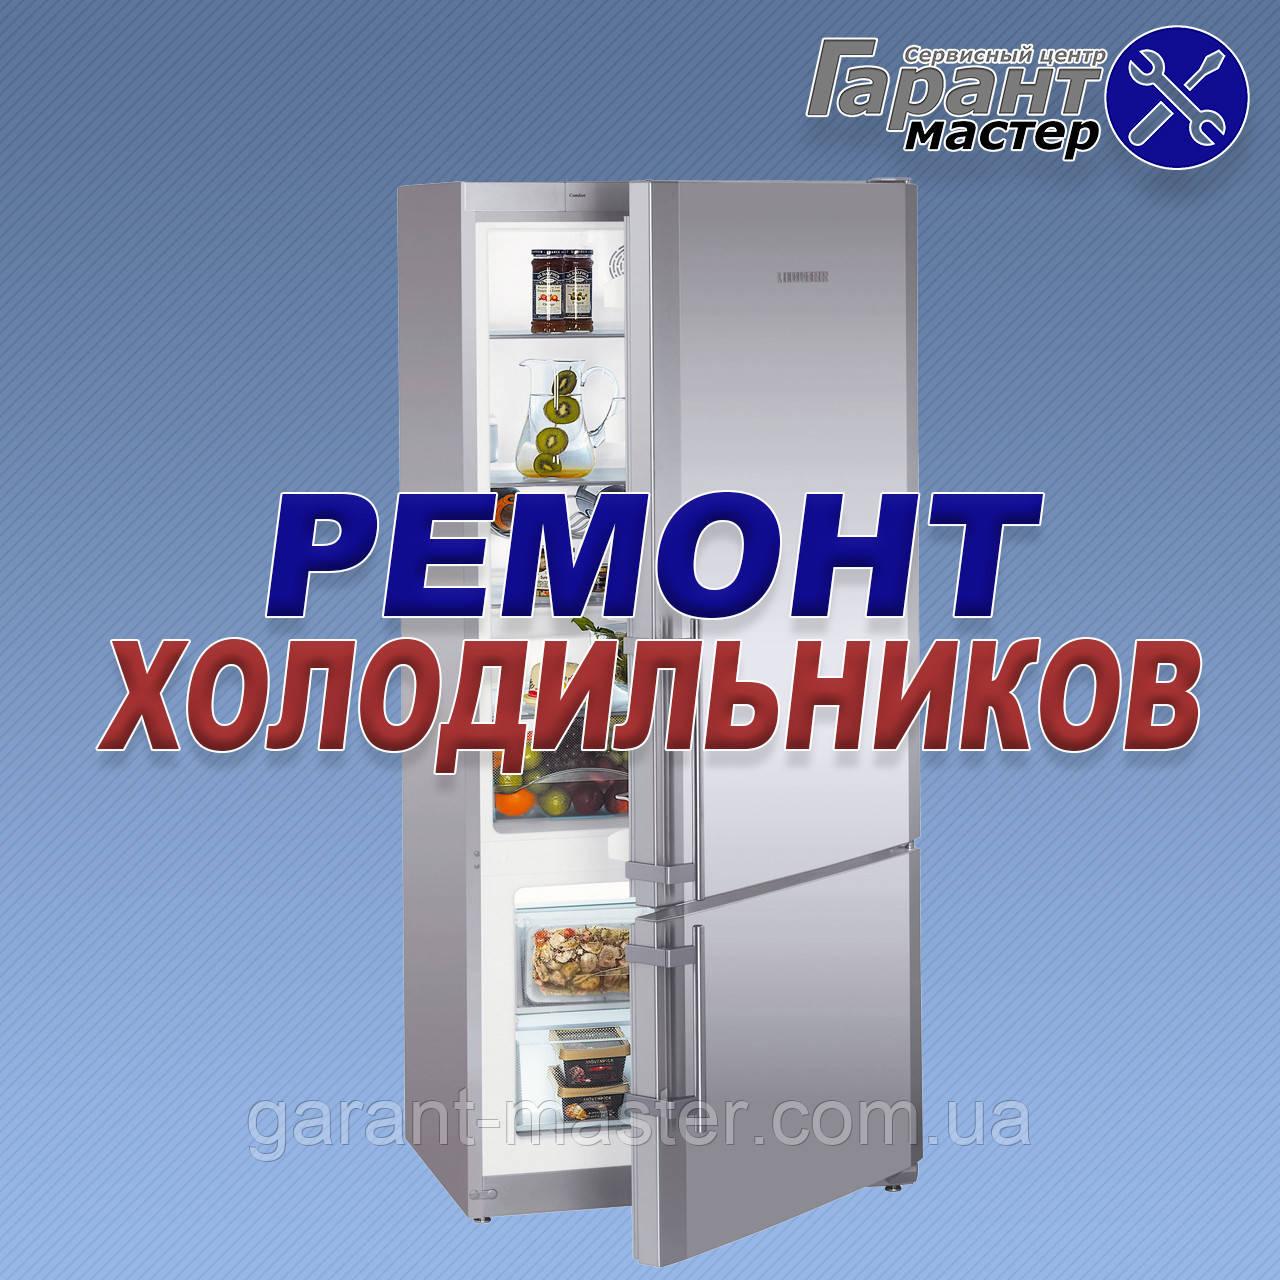 Холодильник перестал холодить в Белой Церкви